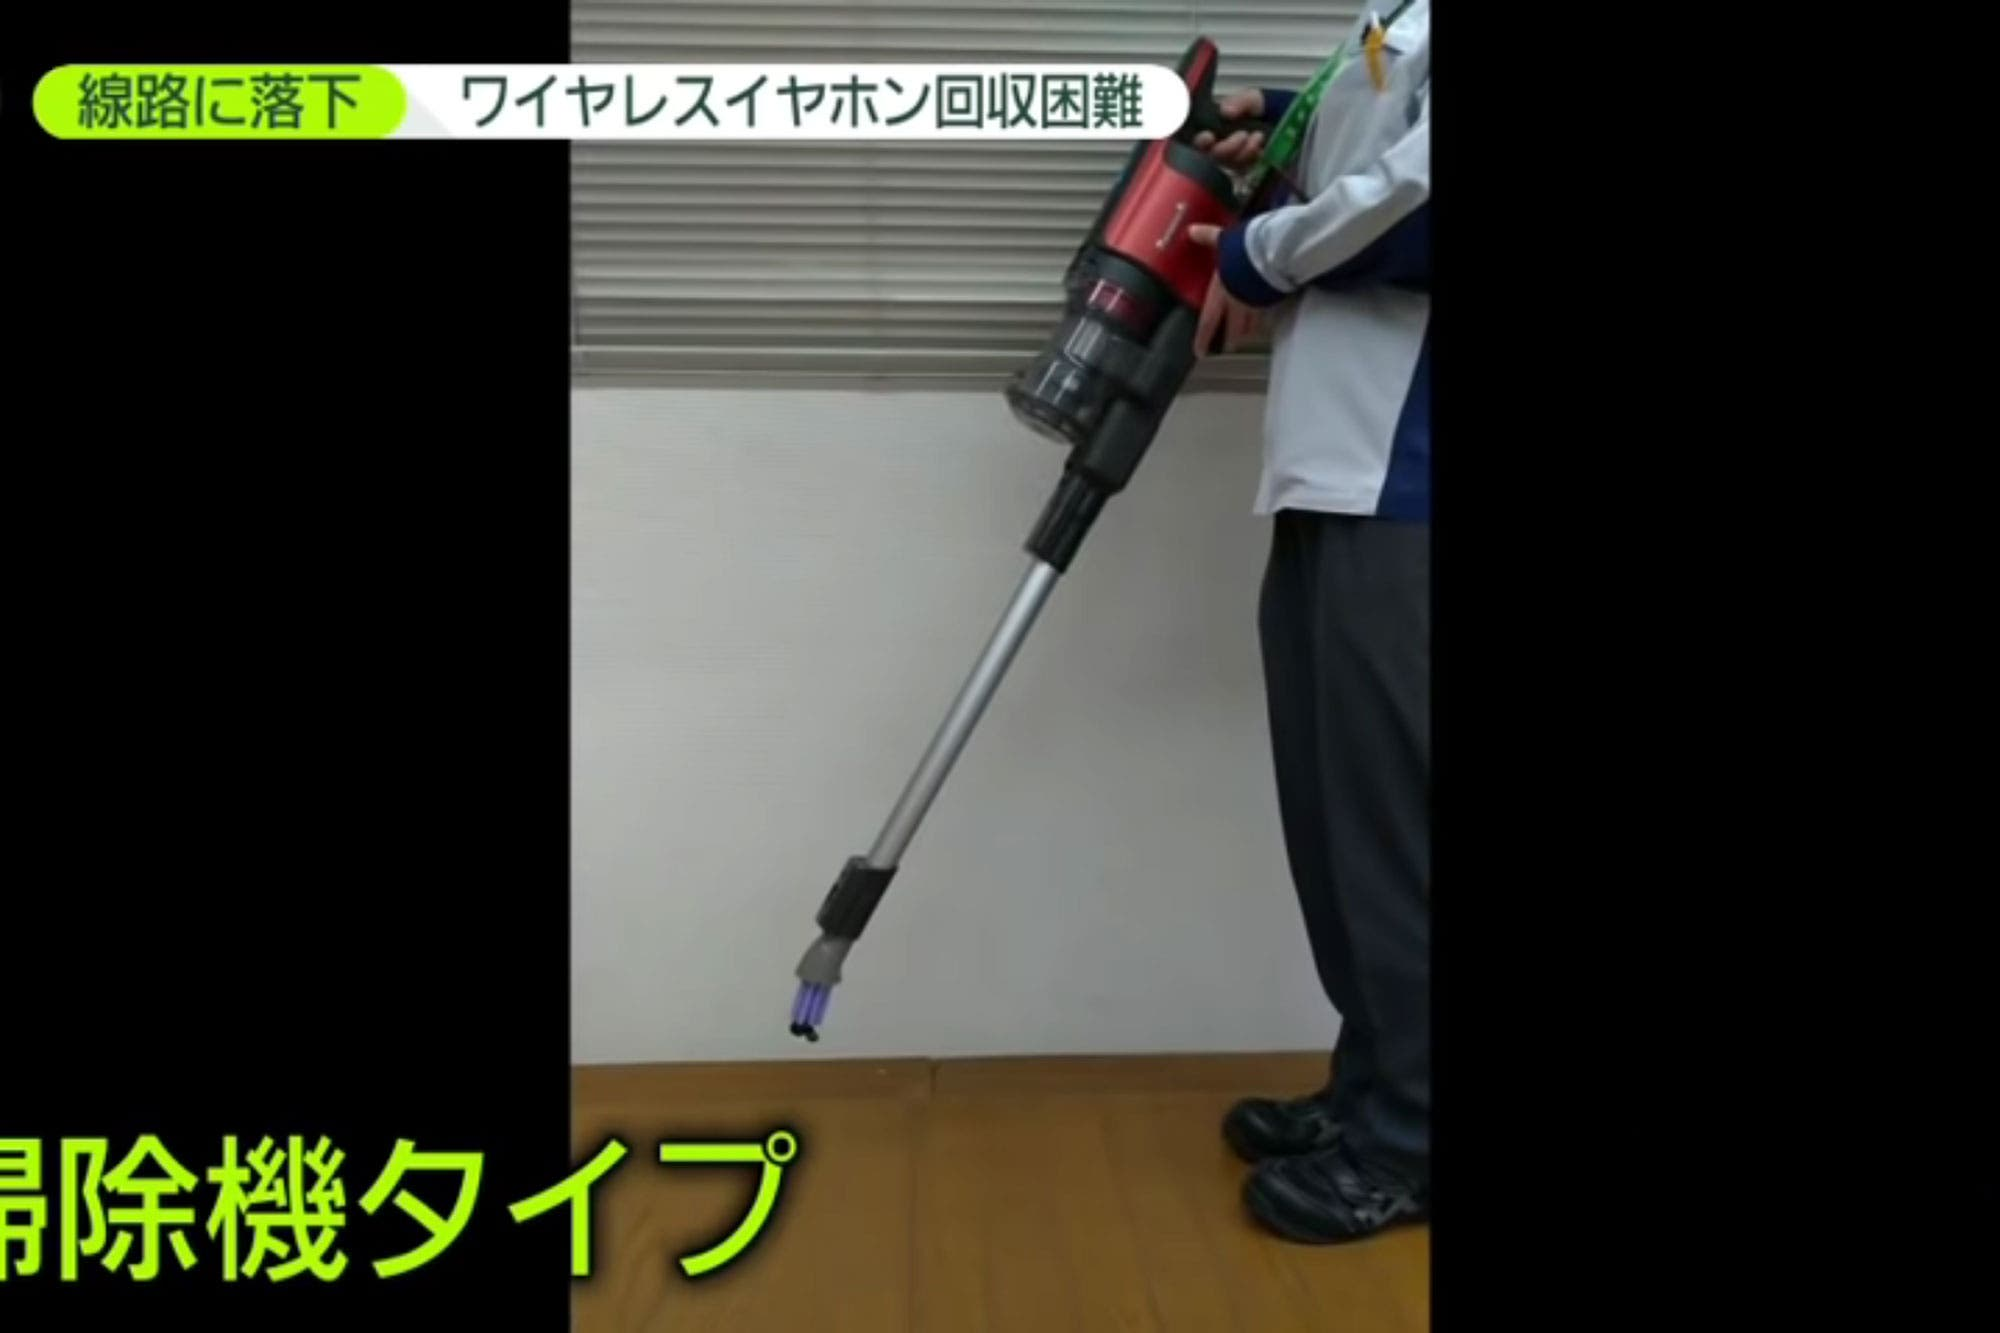 Con una aspiradora: el método japonés para rescatar auriculares extraviados en las vías